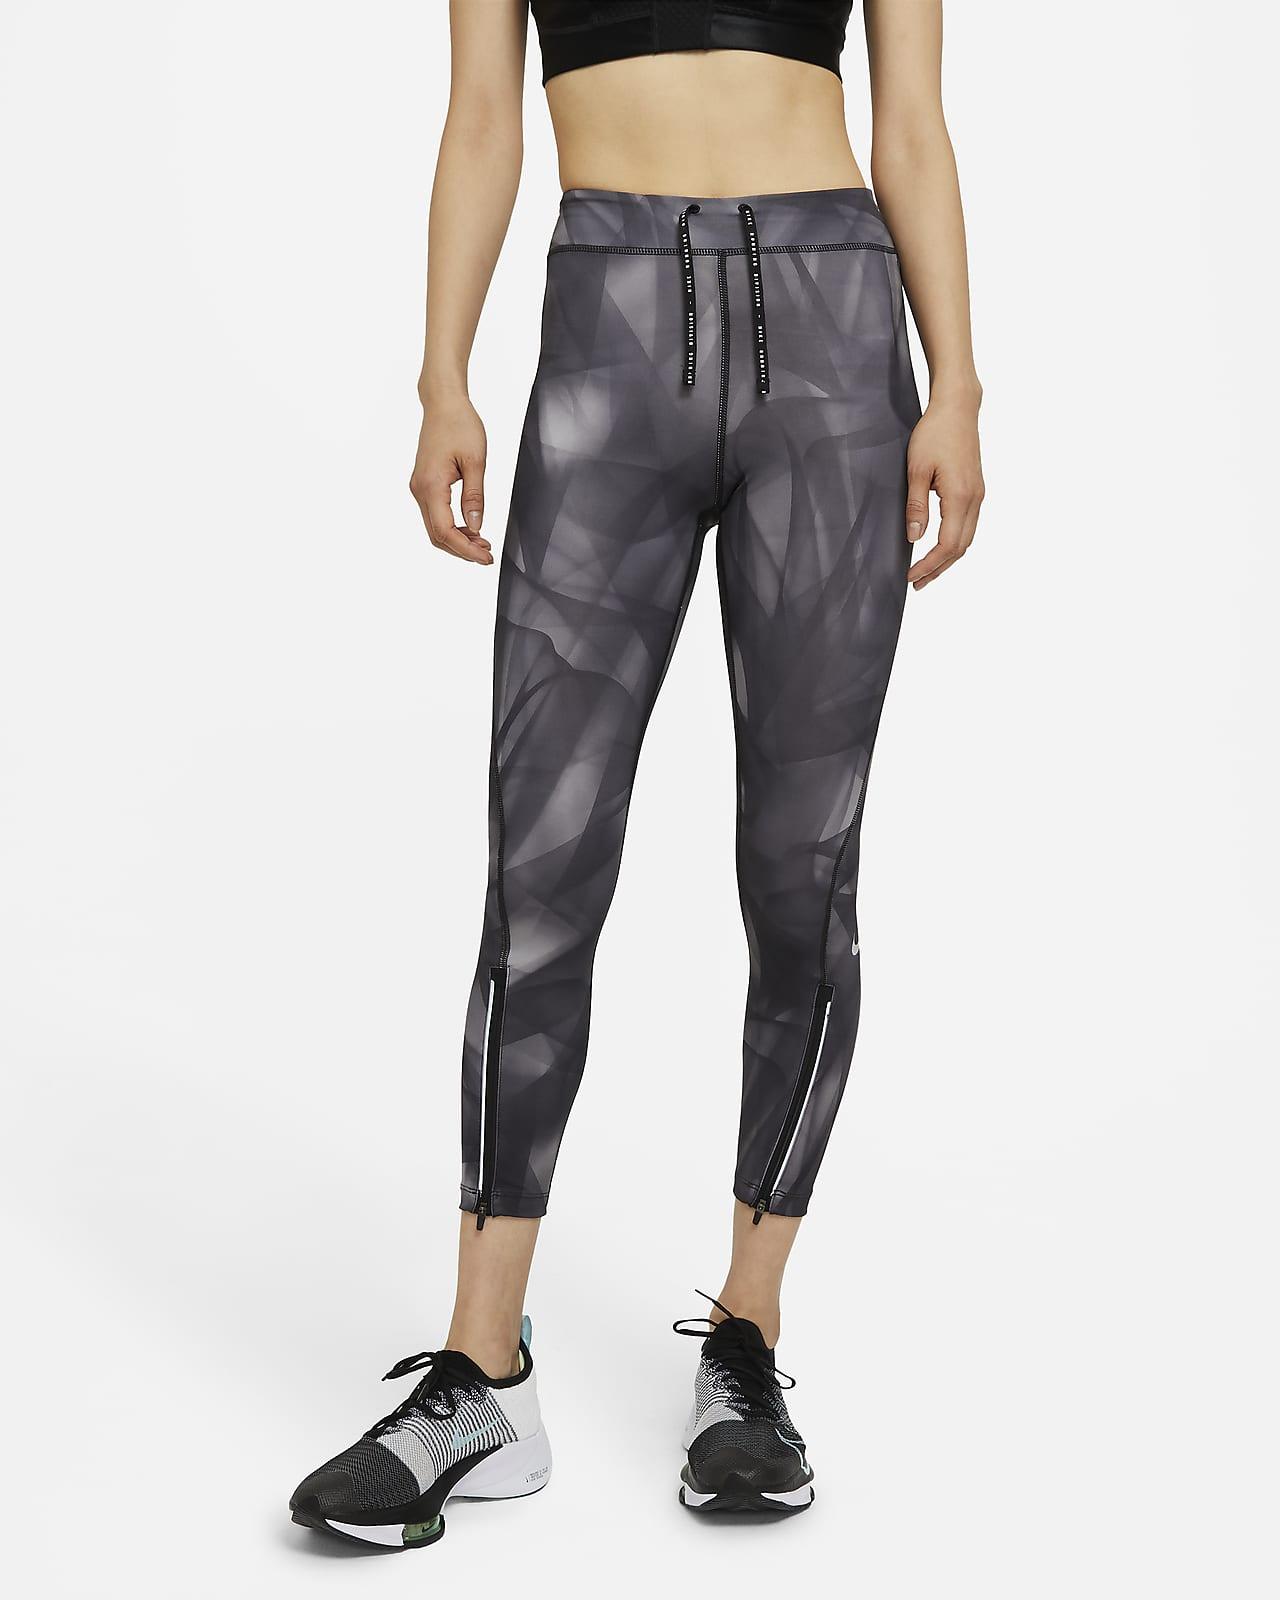 เลกกิ้งวิ่งเอวปานกลาง 7/8 ส่วนผู้หญิง Nike Epic Faster Run Division